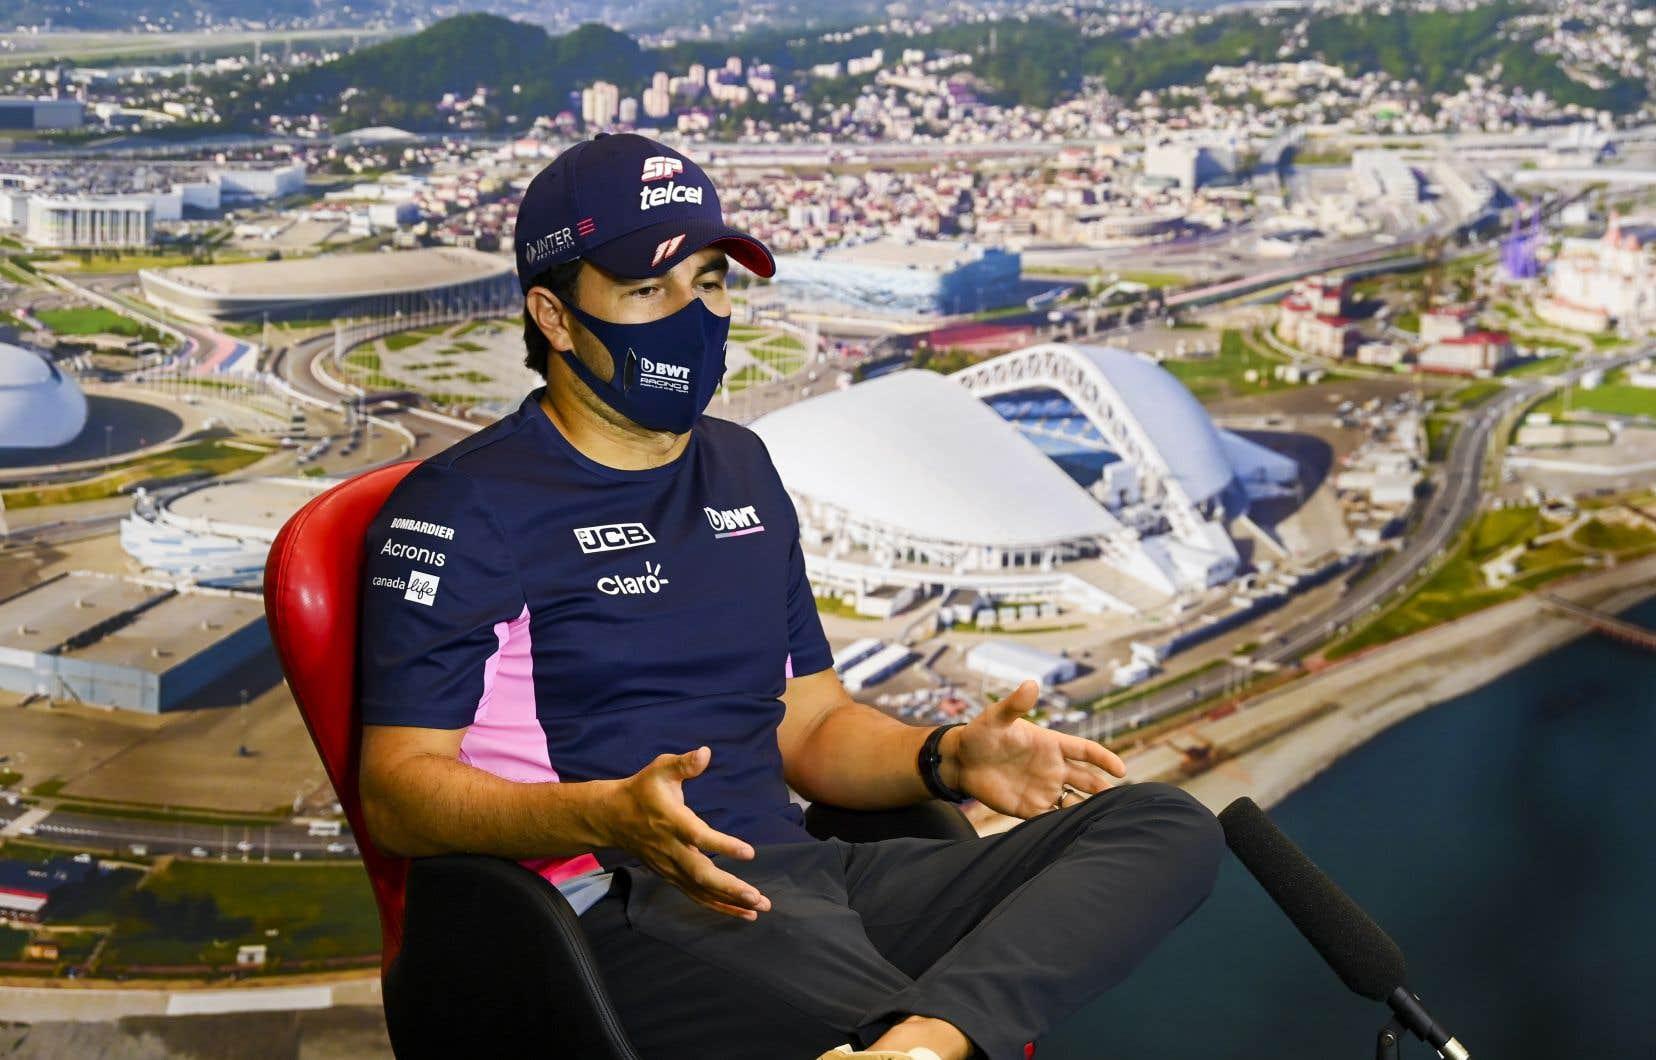 Coïncidence ou non, Perez participera au Grand Prix ce week-end avec une voiture qui ne sera pas équipée de nouvelles améliorations techniques.